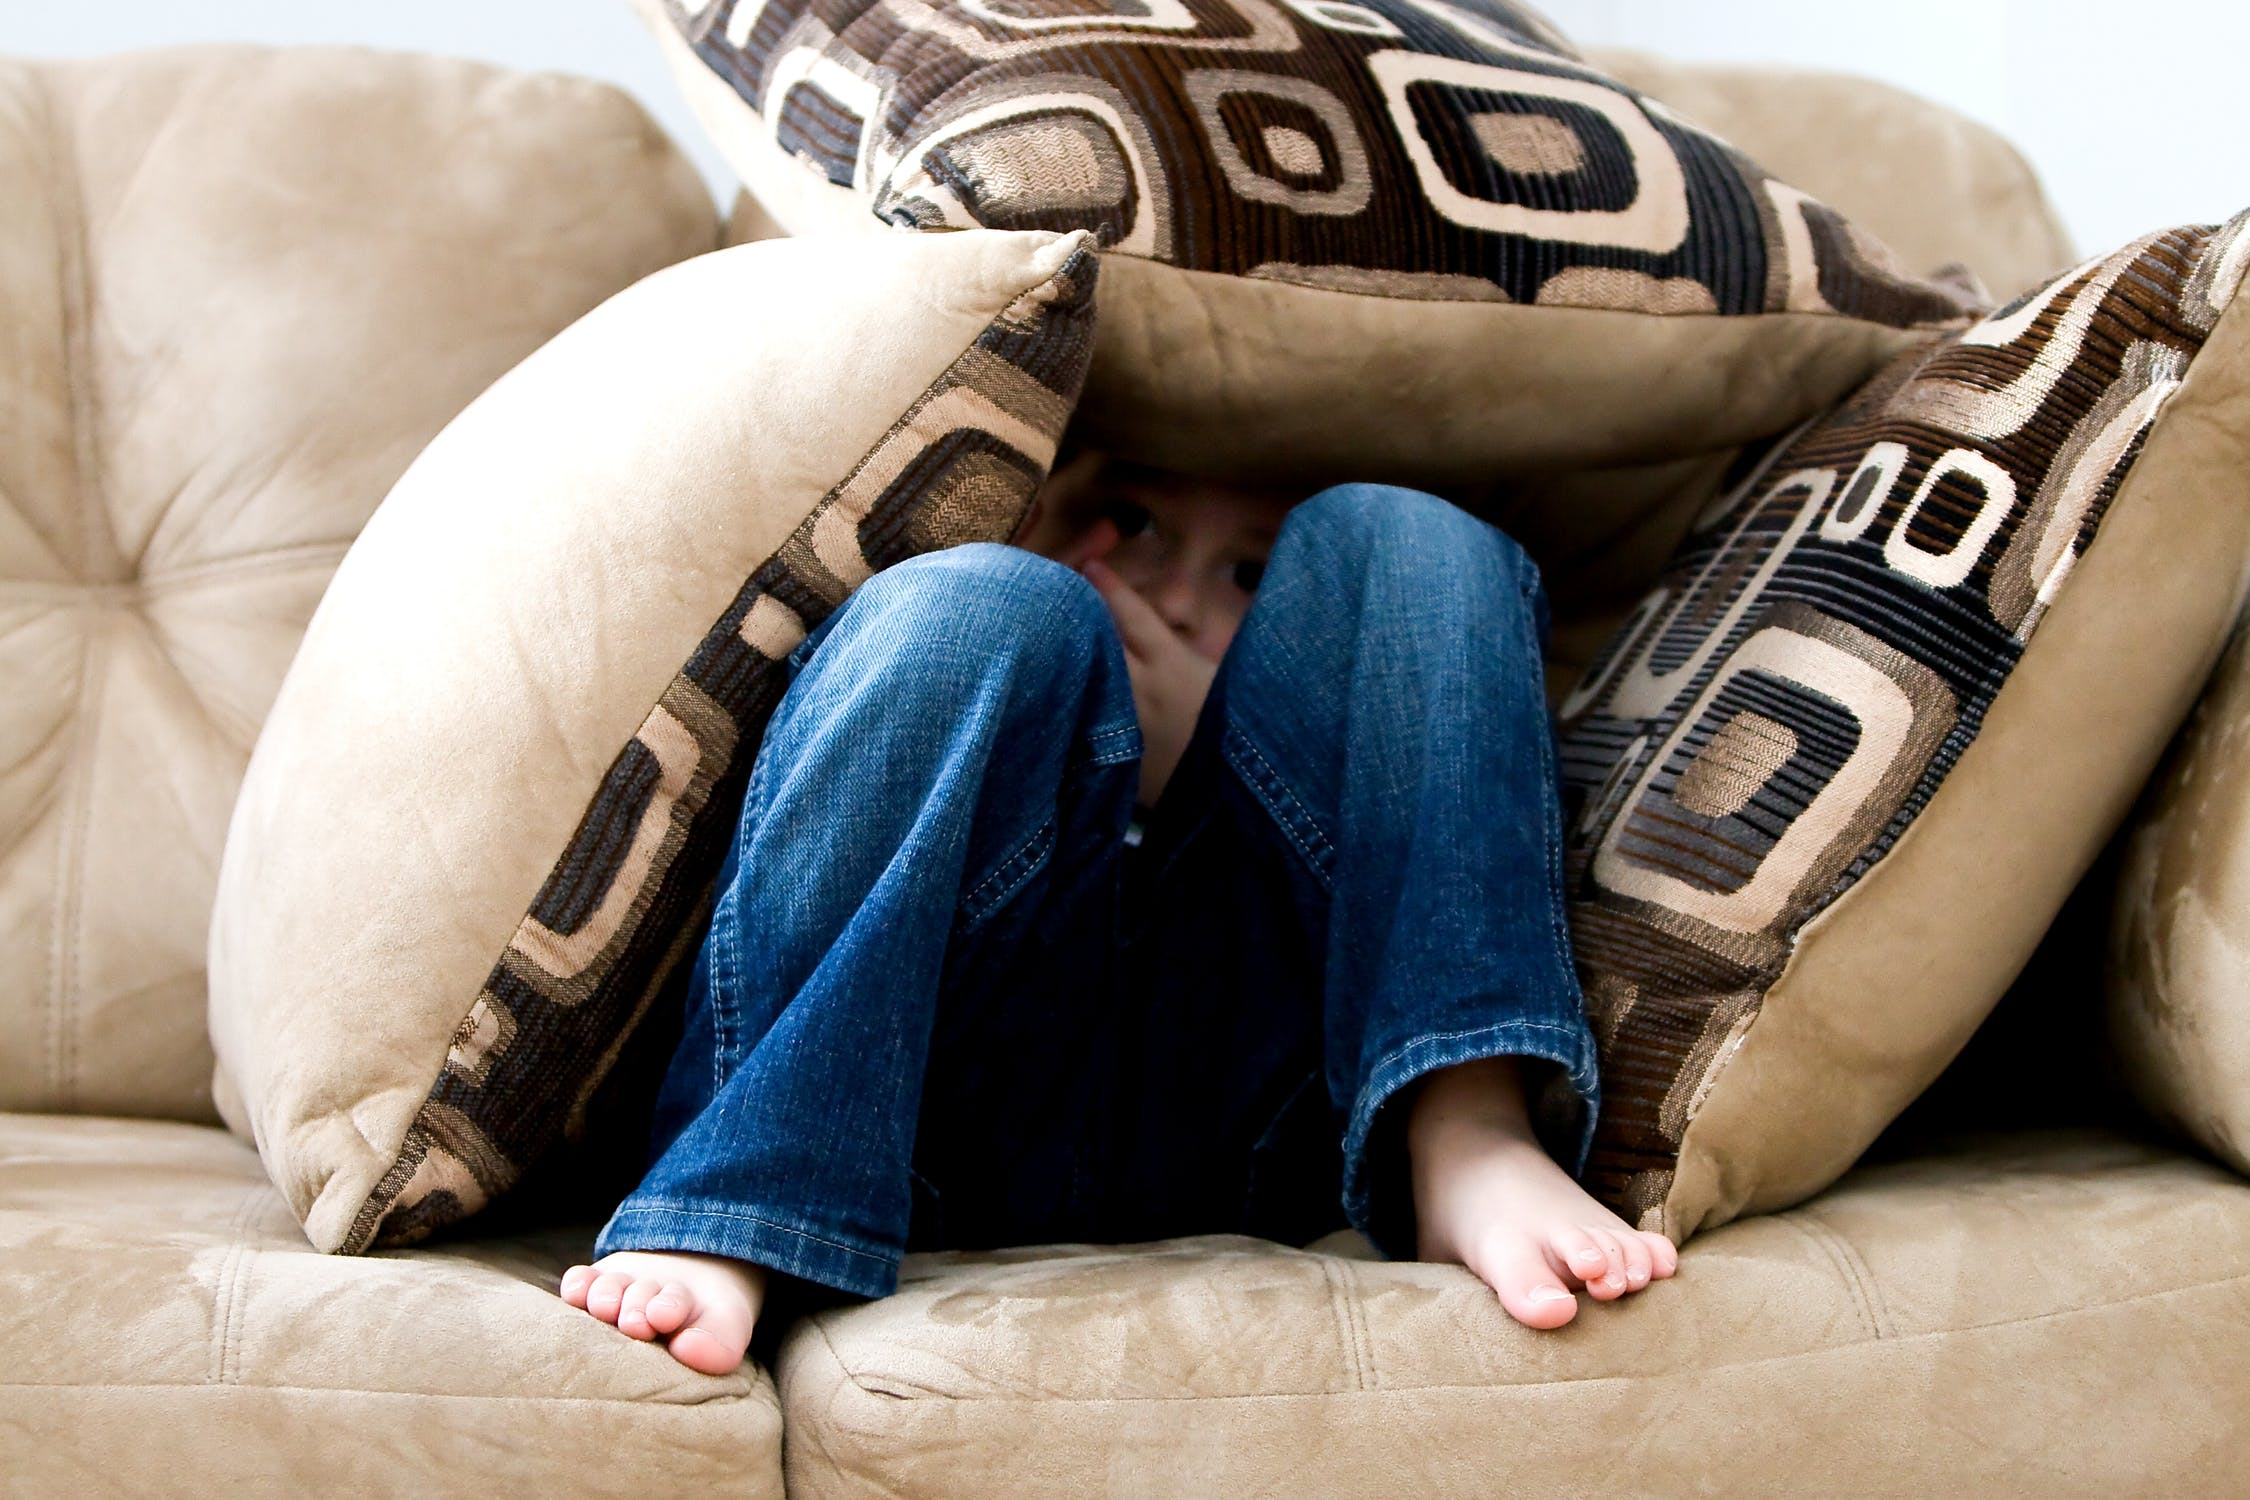 子どもが感情的になった時にどうしたらいいの? 子どもの感情との付き合い方の提案